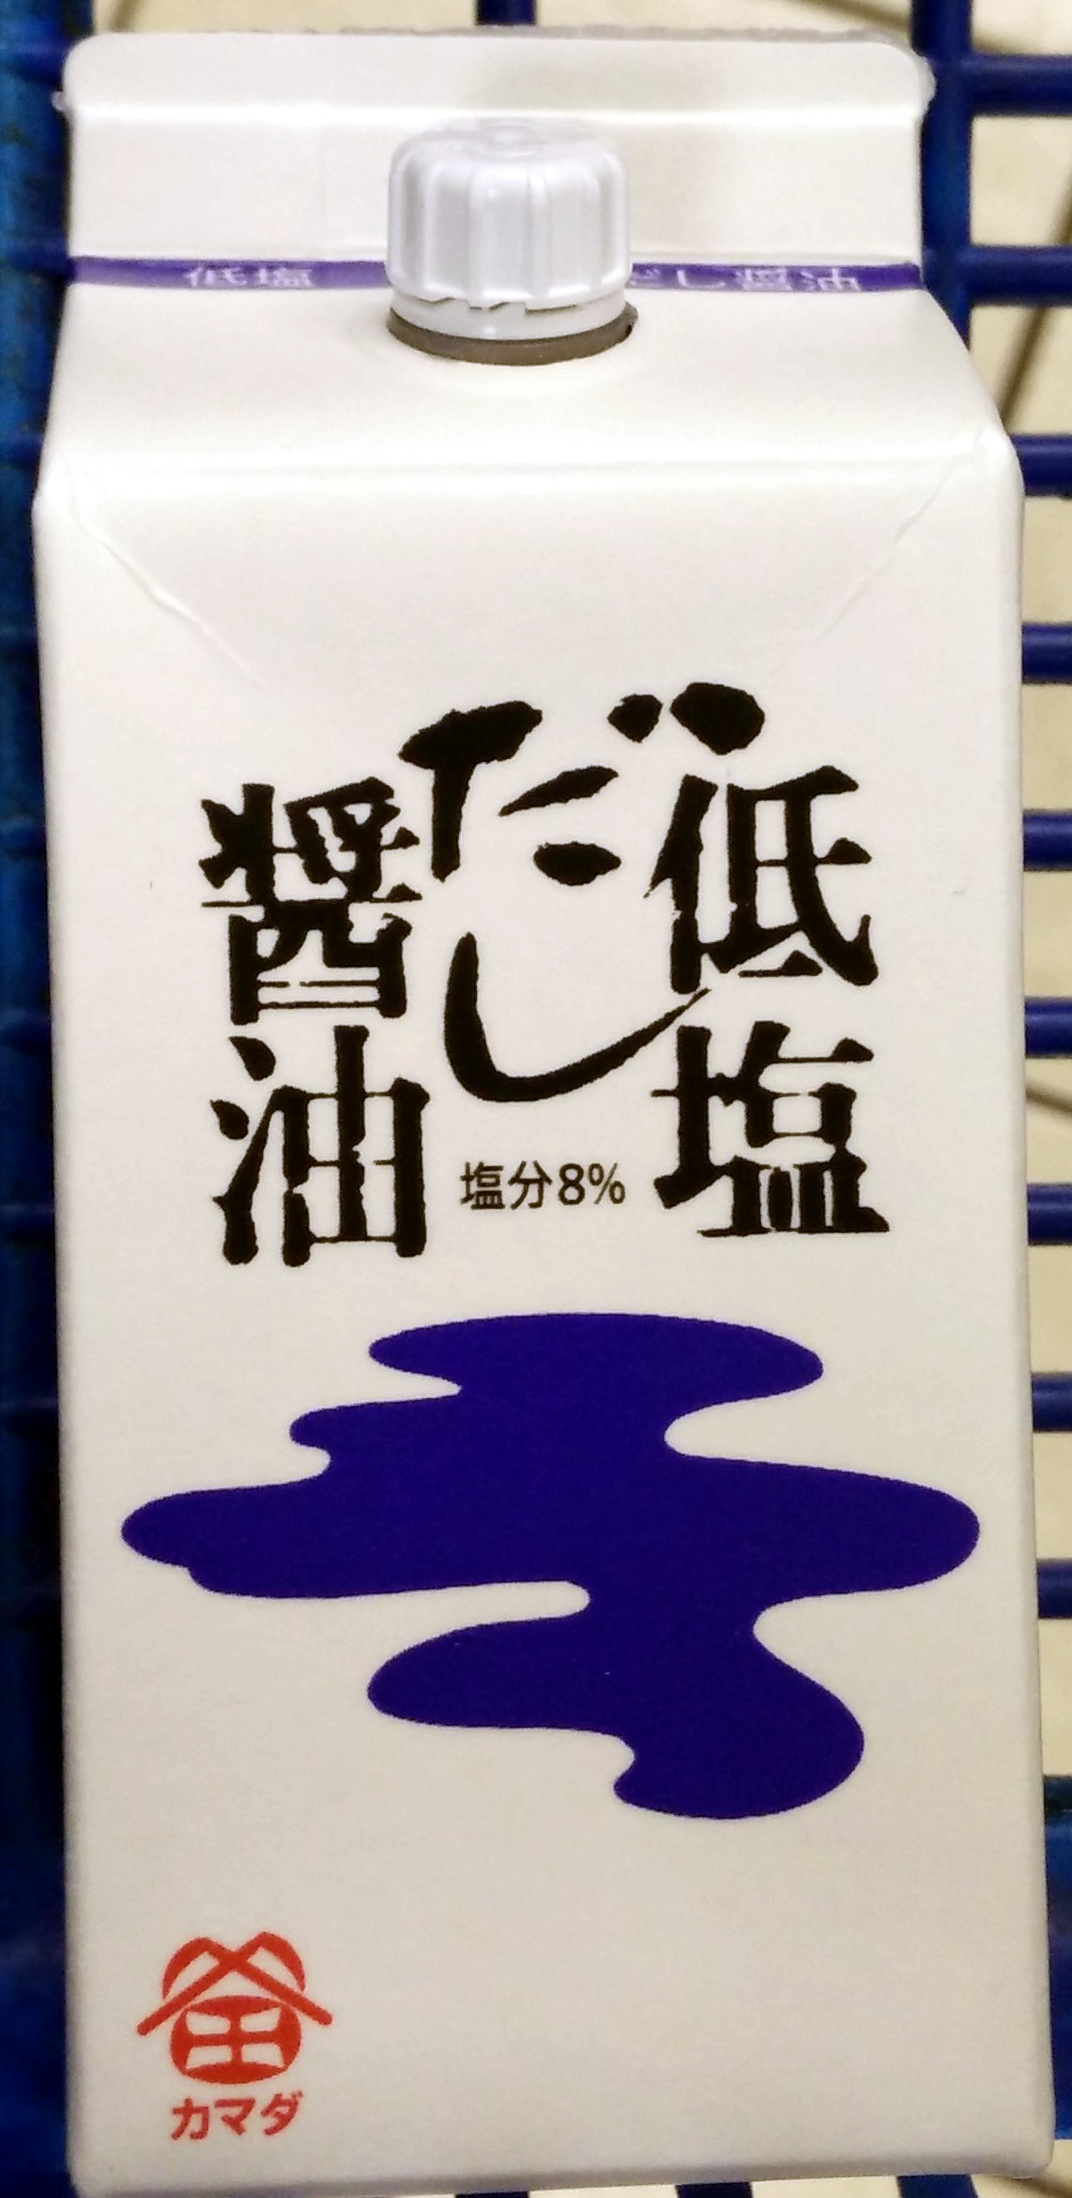 低塩だし醤油 - Product - ja